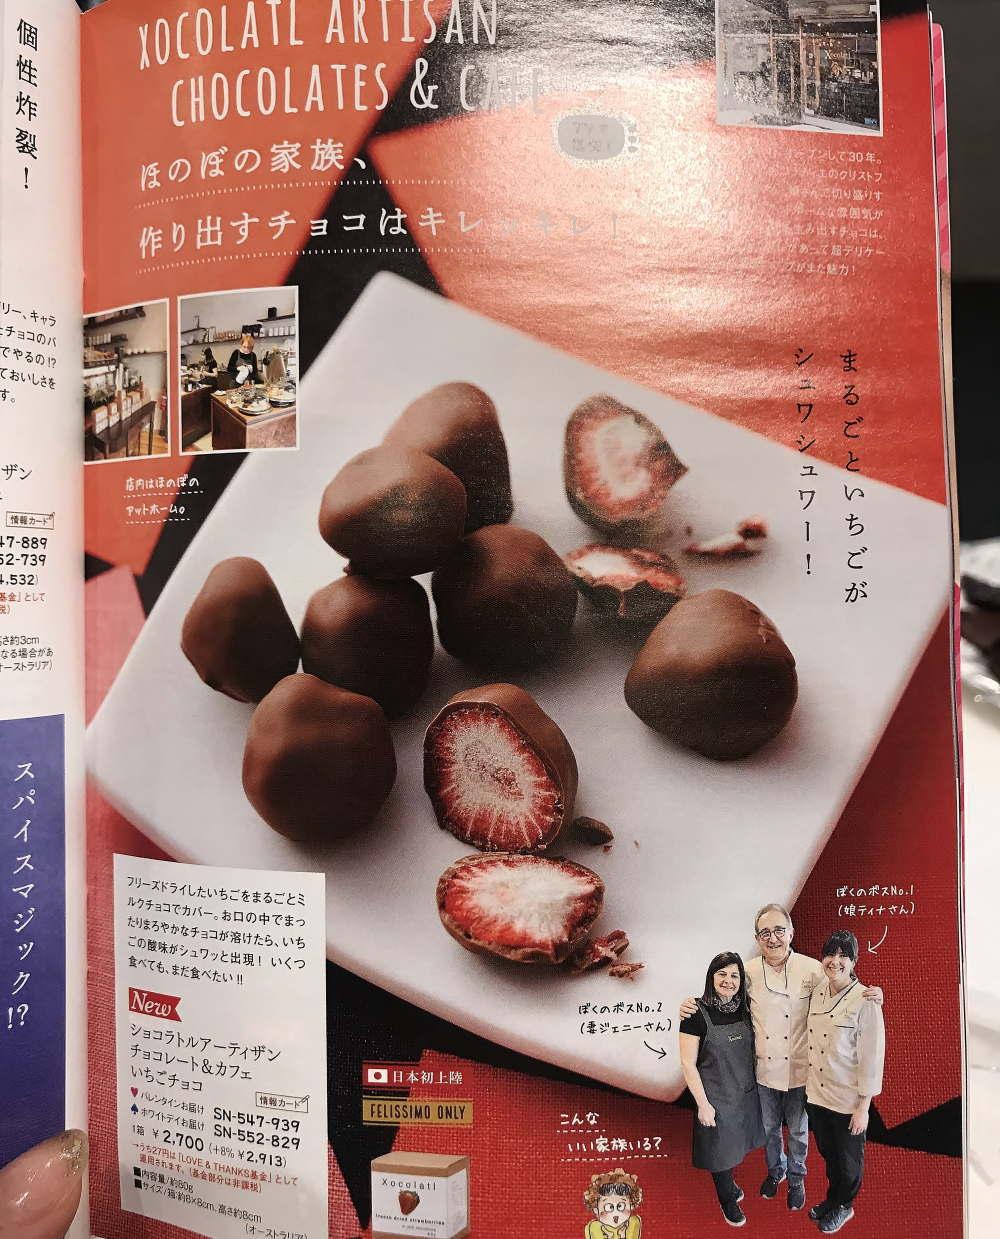 ショコラトル アルティザン チョコレートカフェ 苺